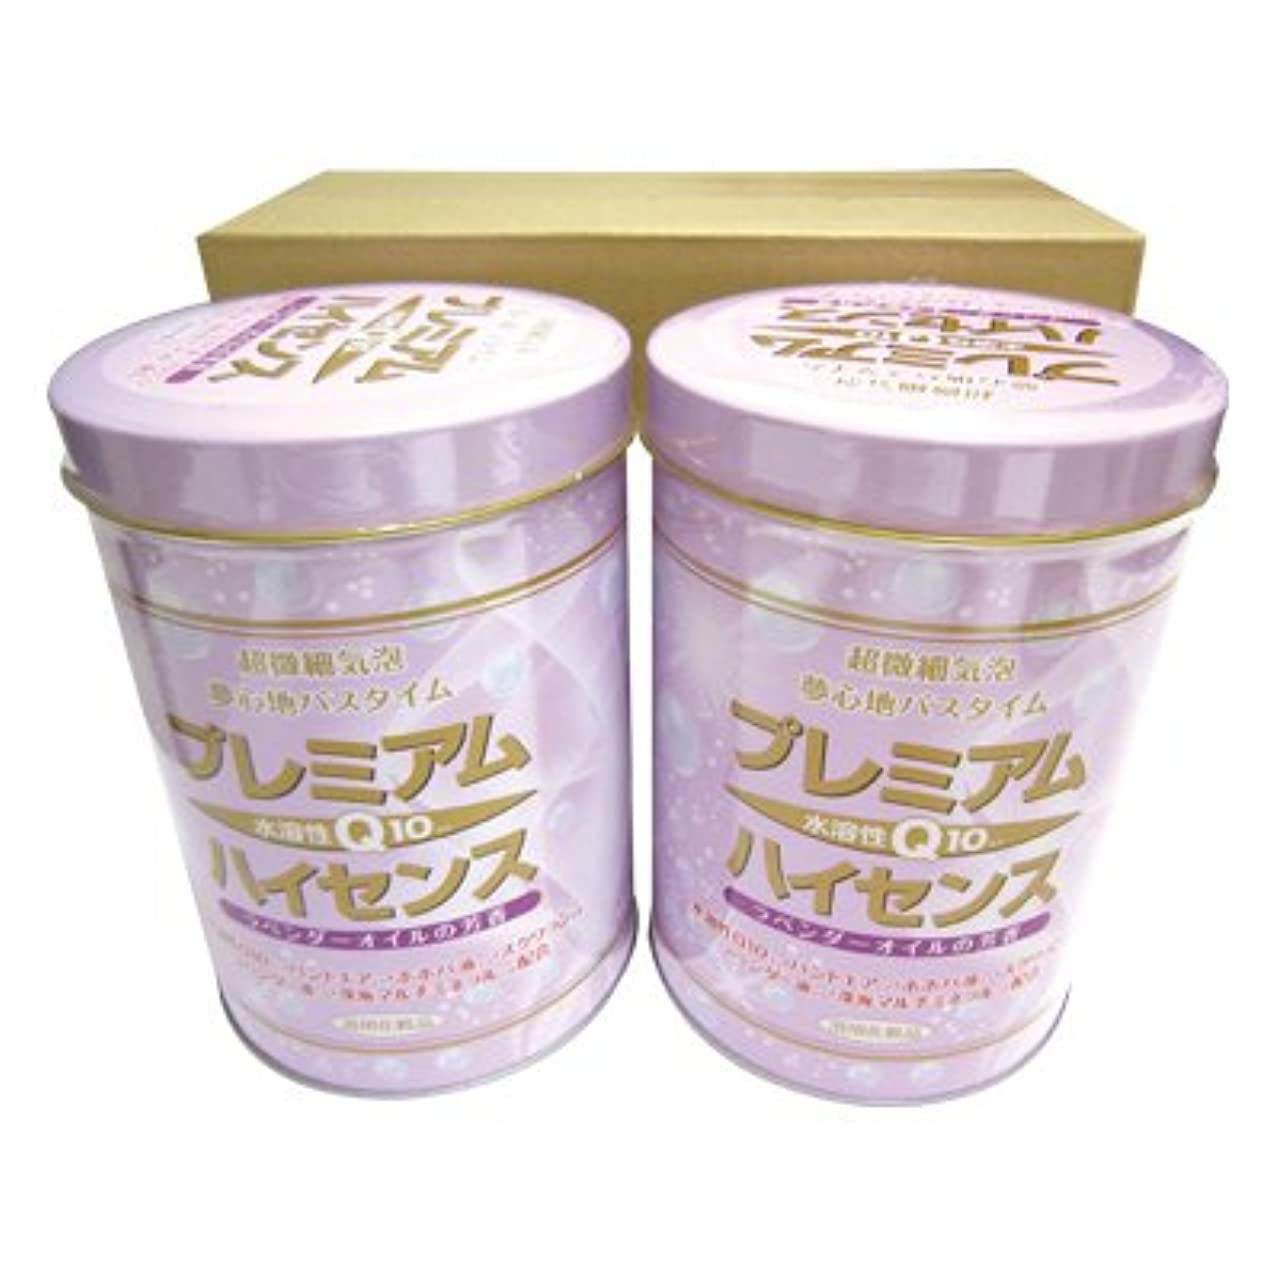 抽選濃度管理【高陽社】浴用化粧品 プレミアムハイセンス 2缶セット